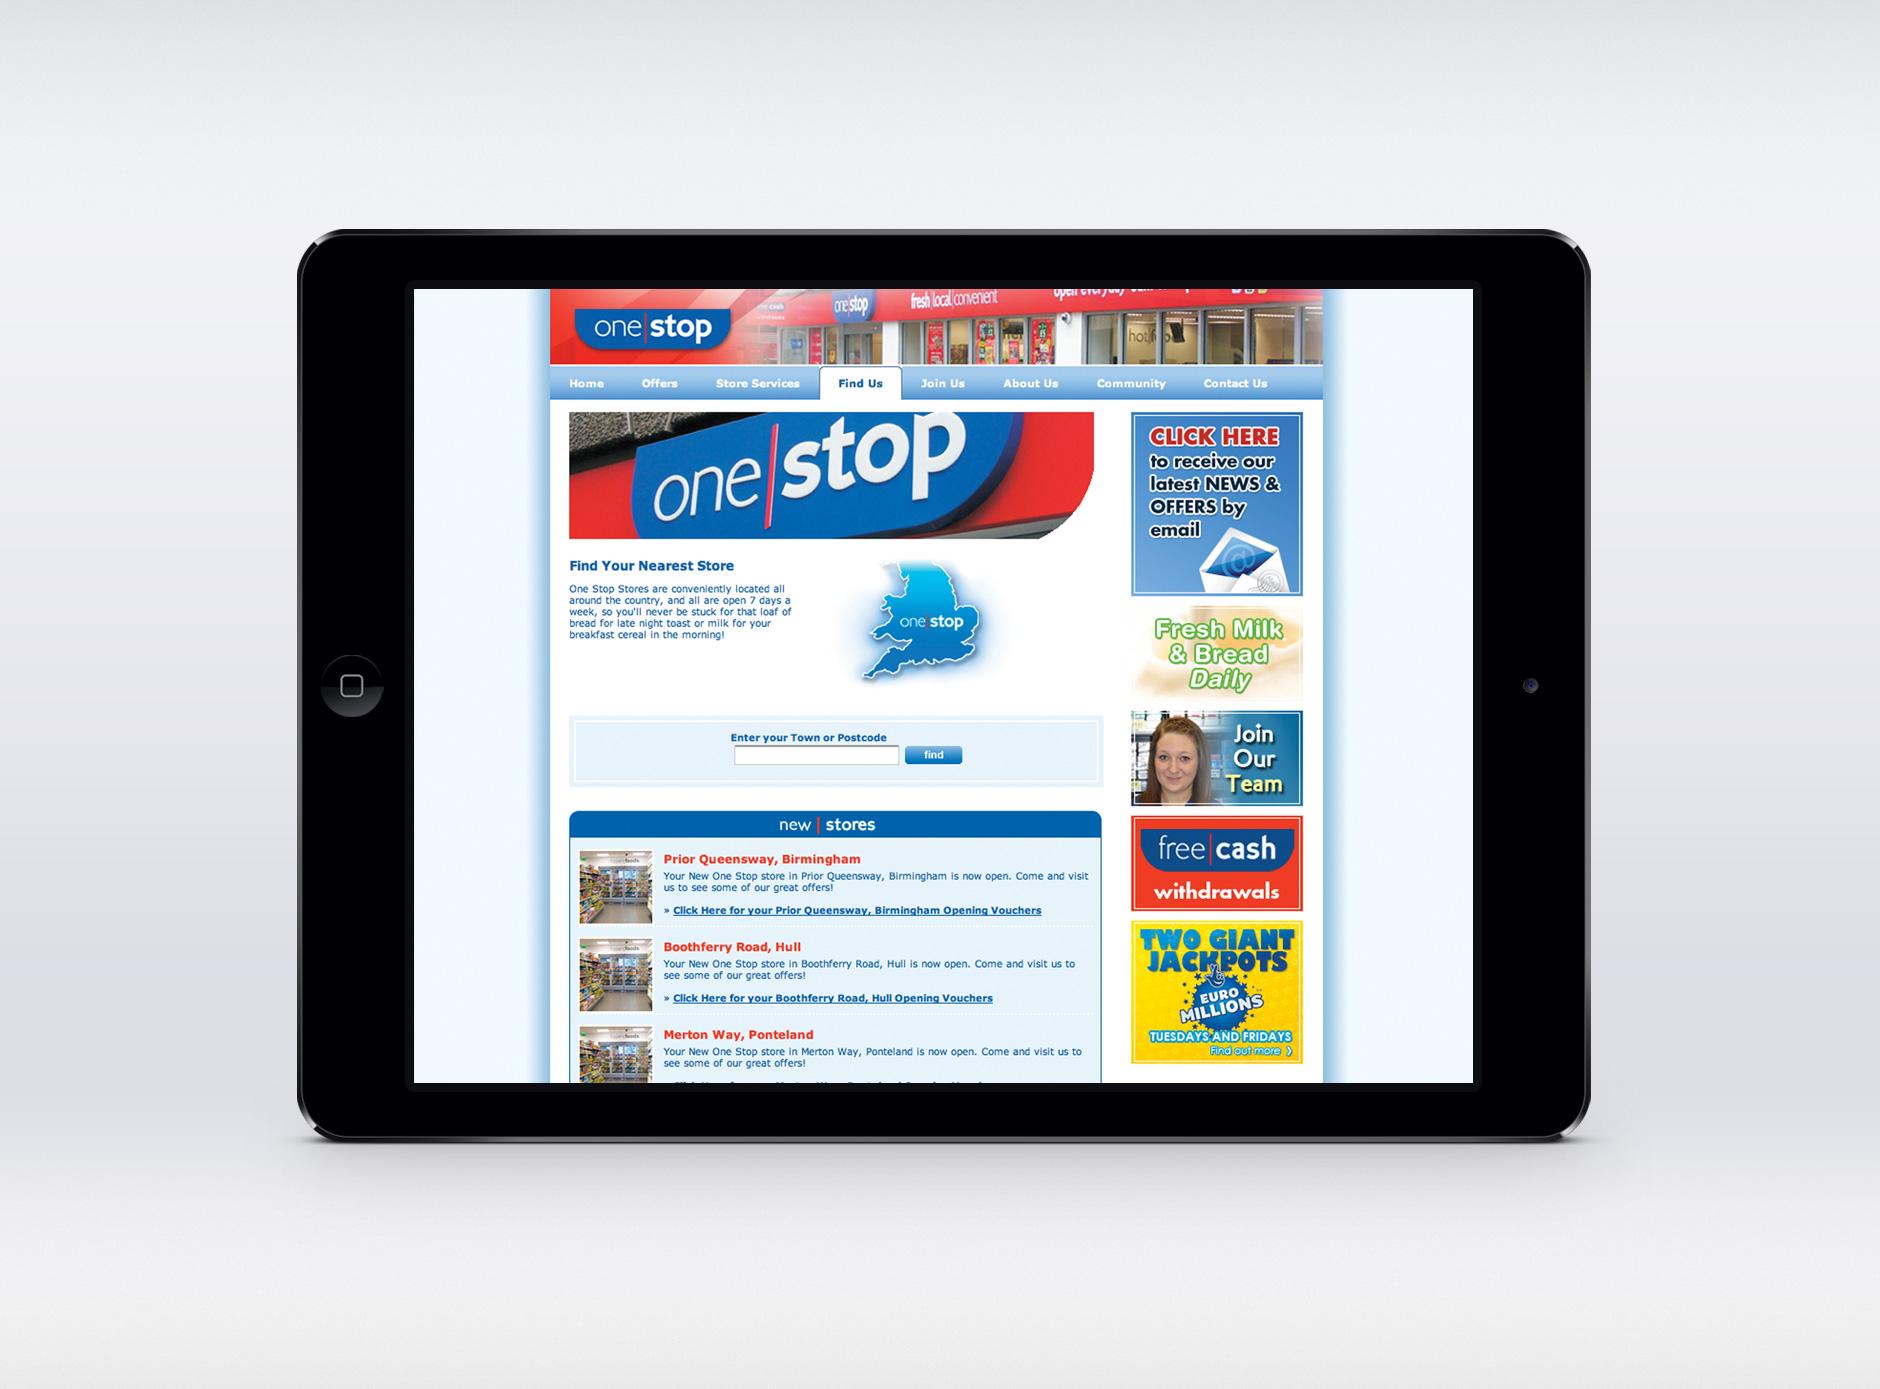 One Stop website